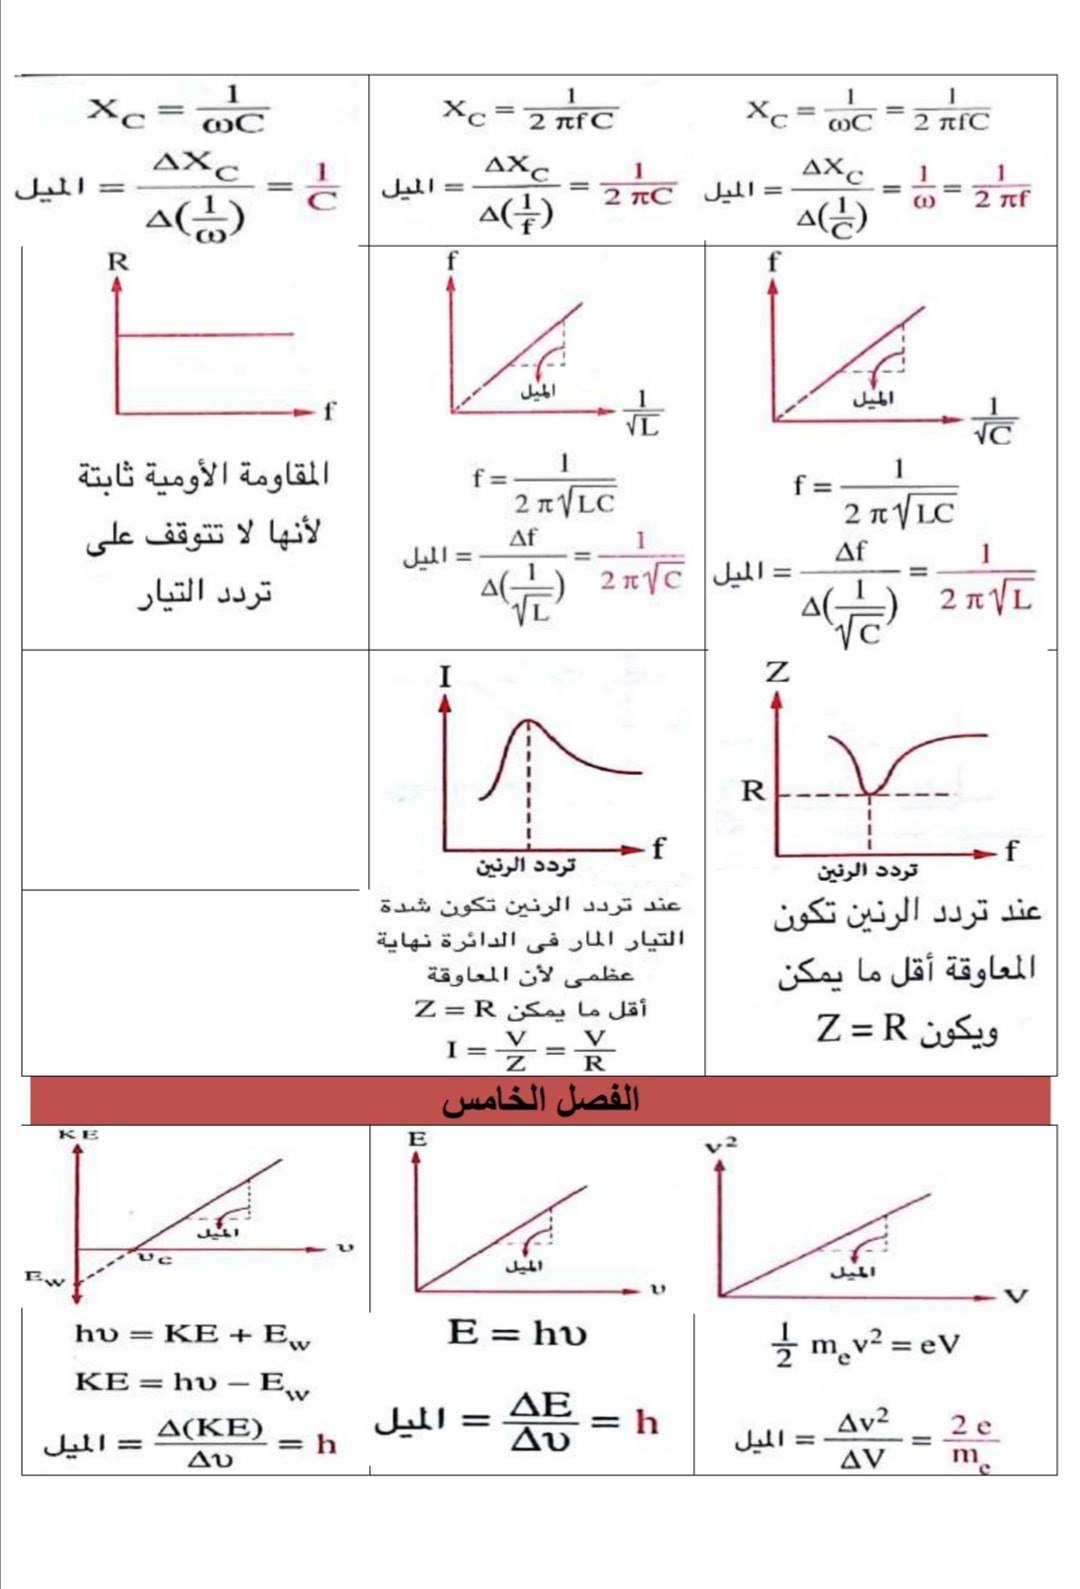 الرسوم البيانية لمنهج الفيزياء للثانوية العامة - صفحة 2 5